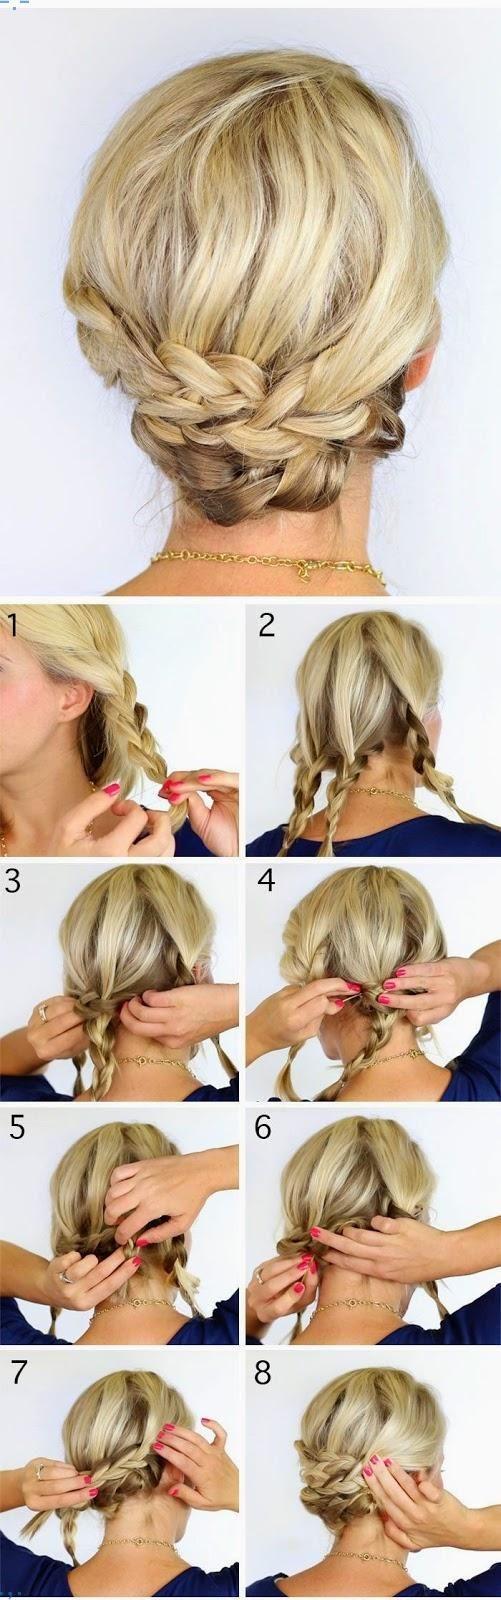 5 Fabulous Hair Tutorials For Short Hair Jpg Neue Frisur Frisuren Frisur Hochgesteckt Kurze Haare Hochsteckfrisuren